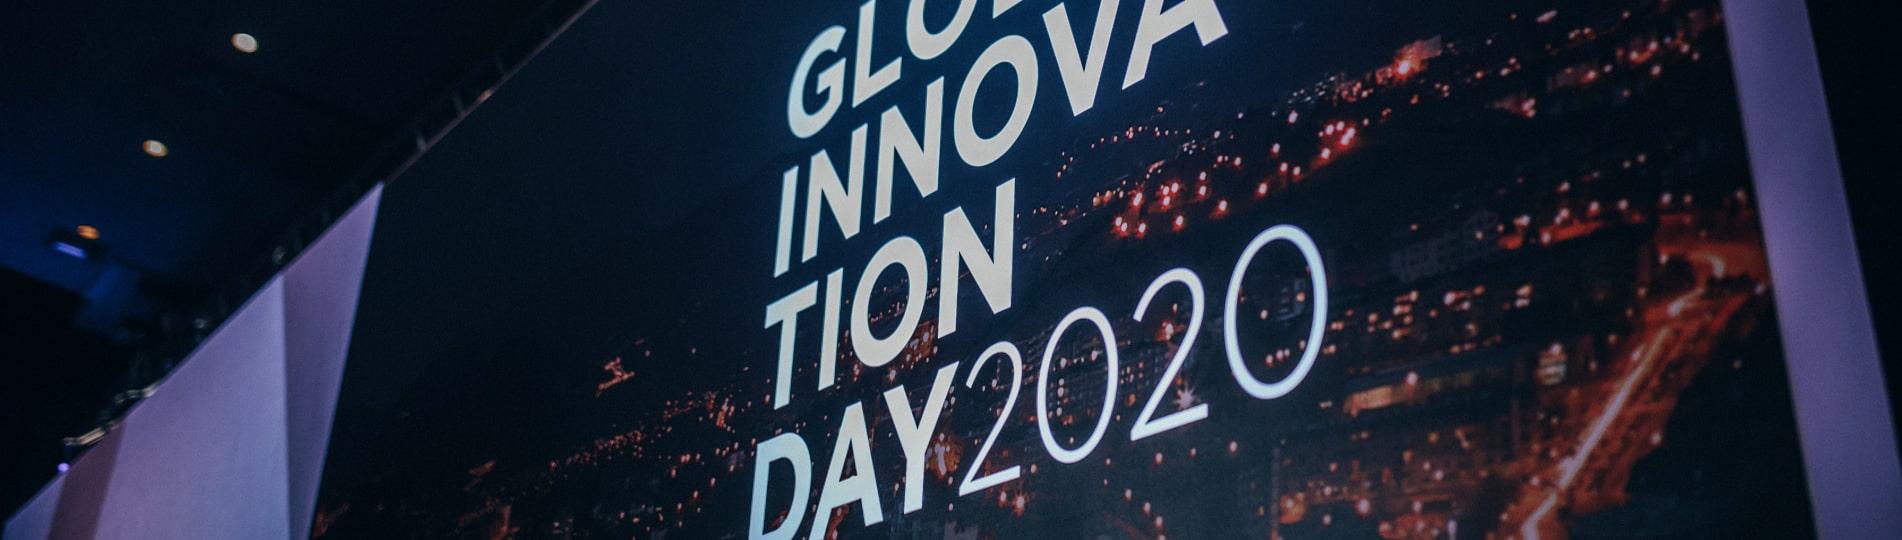 Montai arduratu zen GLOBAL INNOVATION DAY 2020 - INNOBASQUEren eszenografiaz